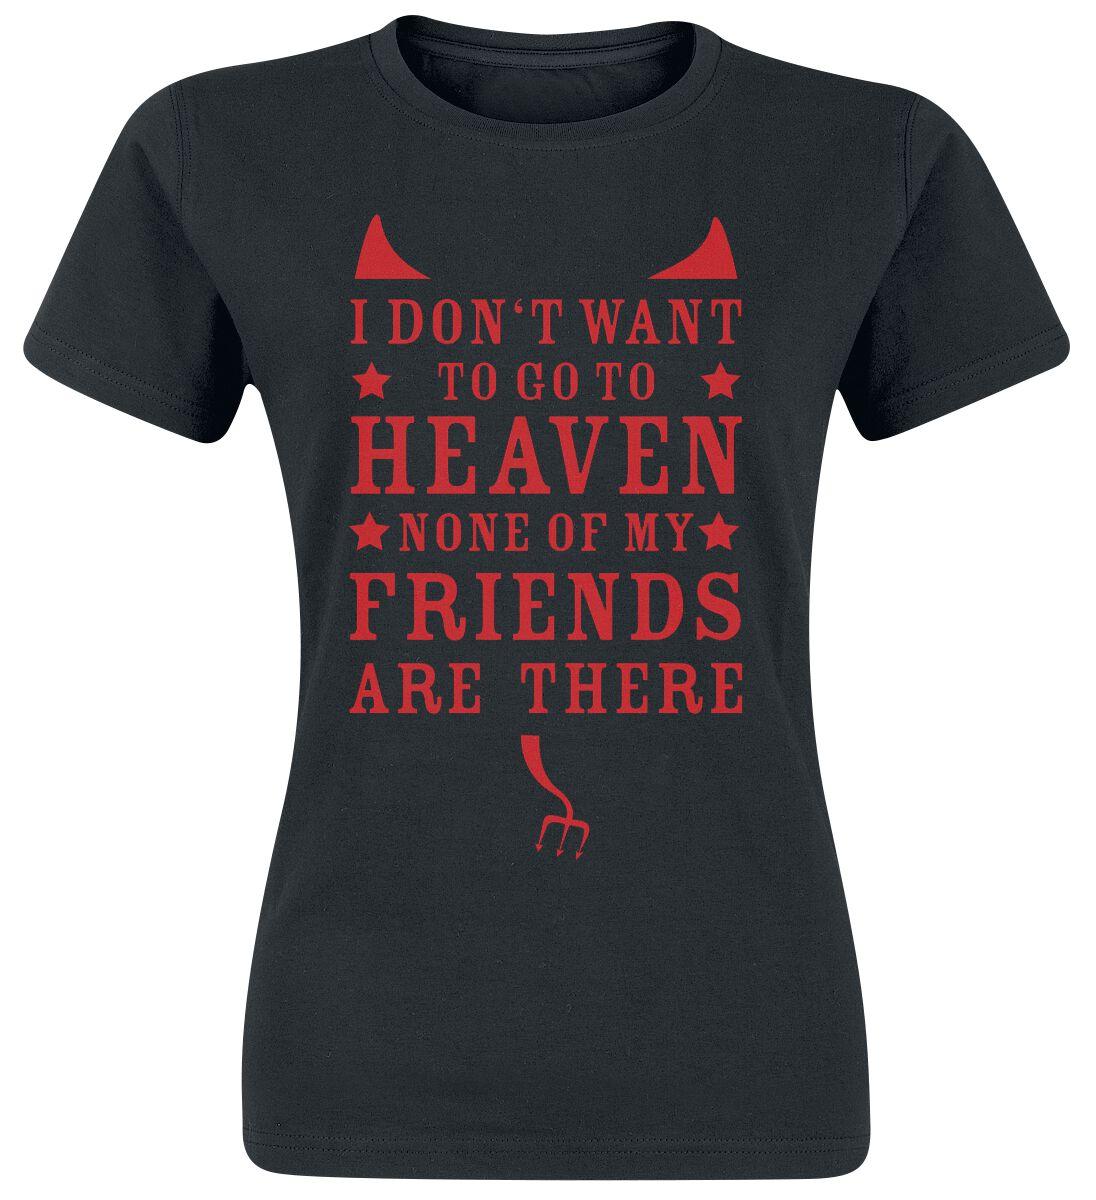 Fun Shirts - Koszulki - Koszulka damska I Don`t Want To Go To Heaven Koszulka damska czarny - 374108